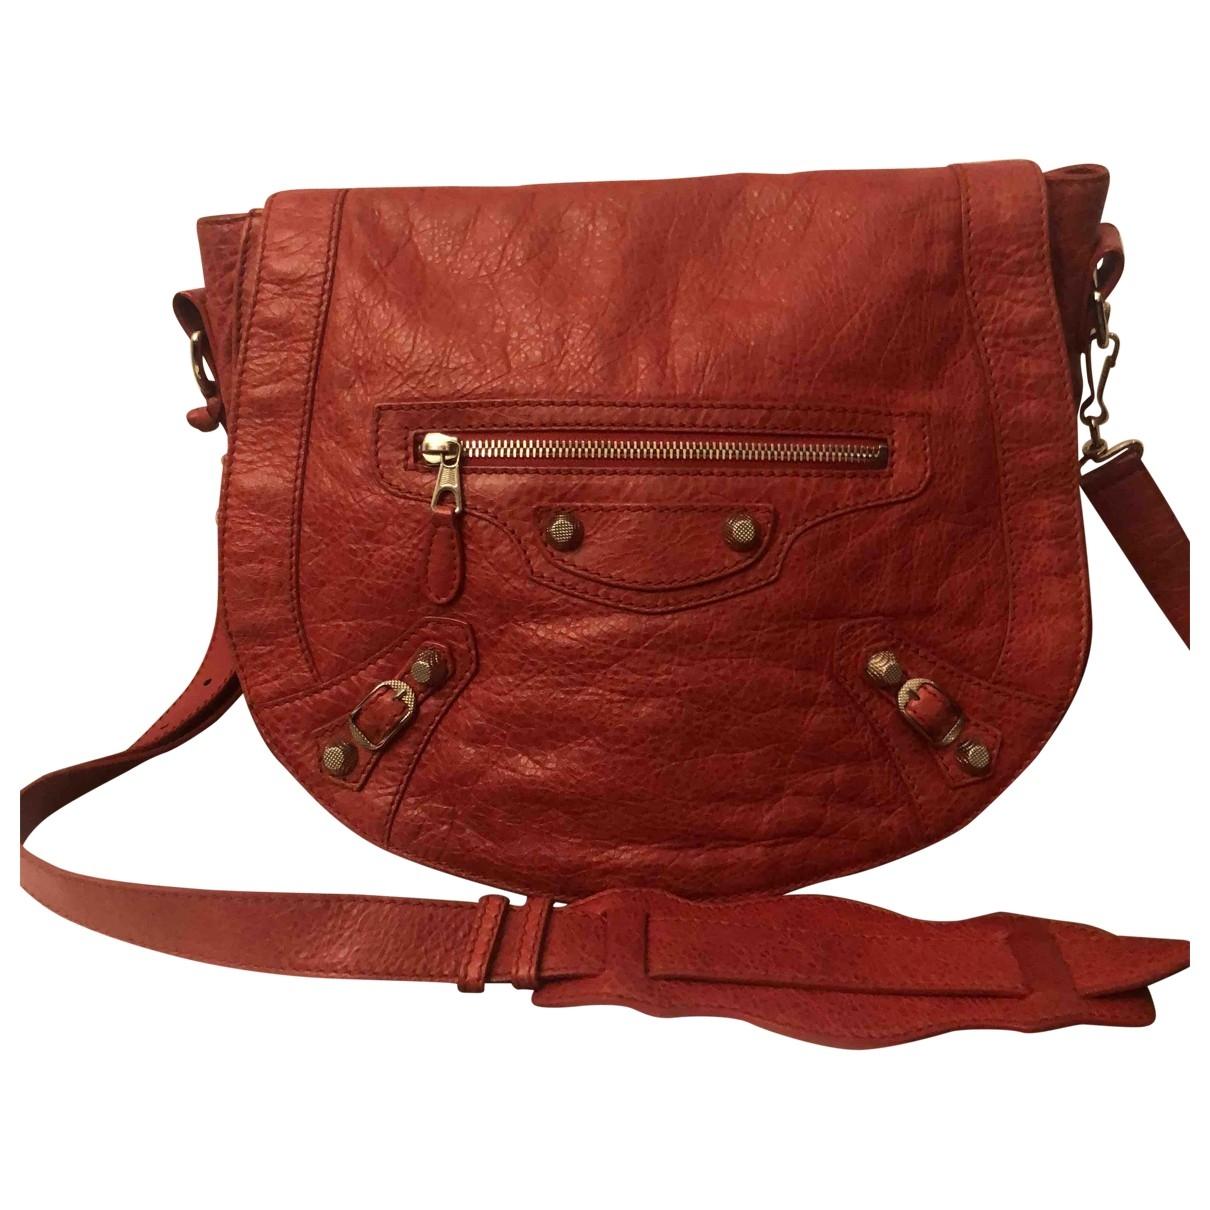 Balenciaga - Sac a main   pour femme en cuir - rouge